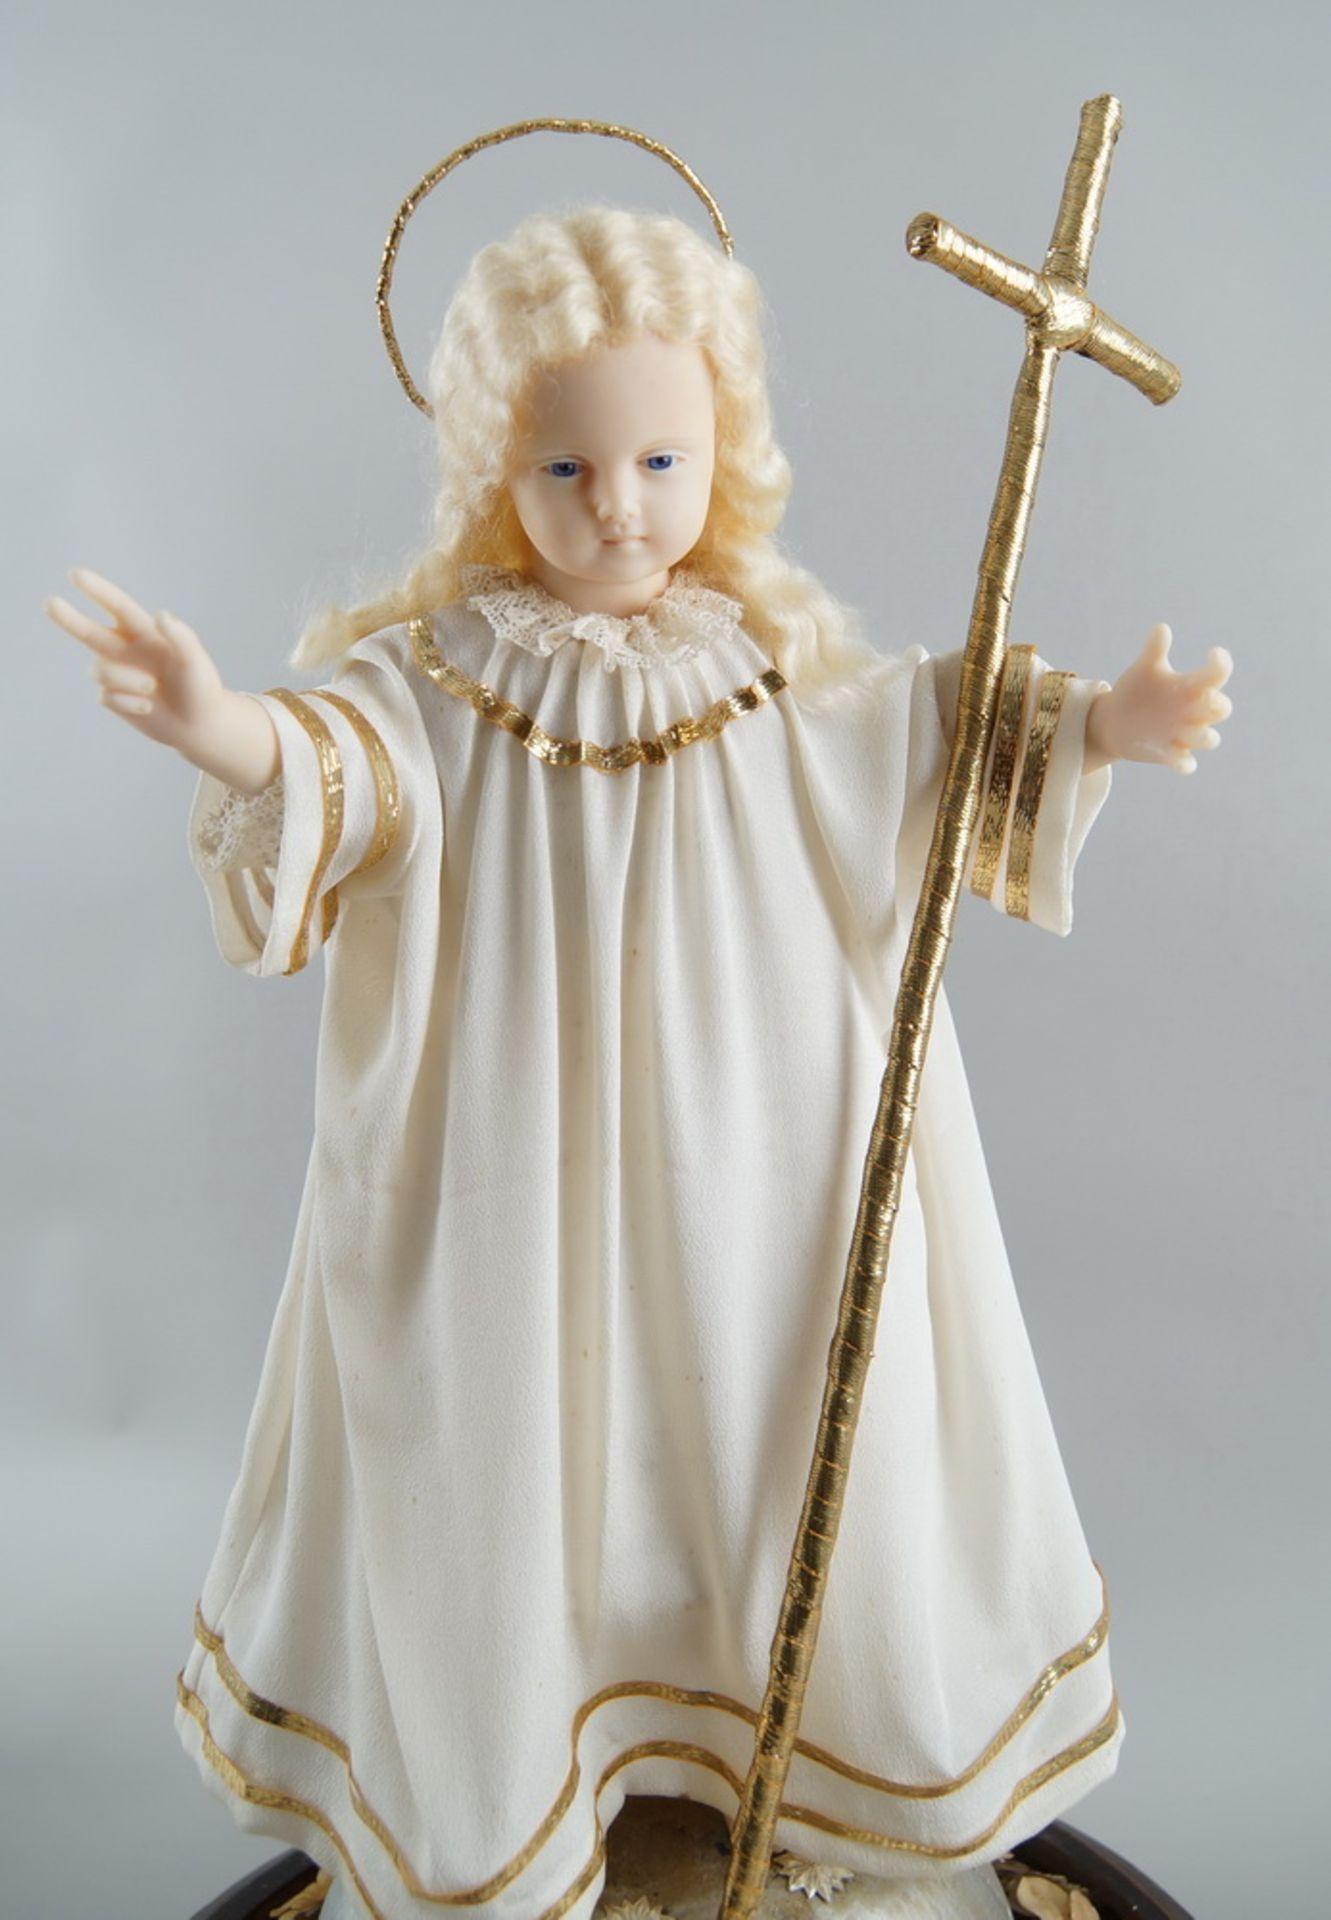 Monumentaler Glasschrein / Glassturz mit Jesuskind aus Wachs und prunkvollem Gewand, H 78cm, - Bild 4 aus 8